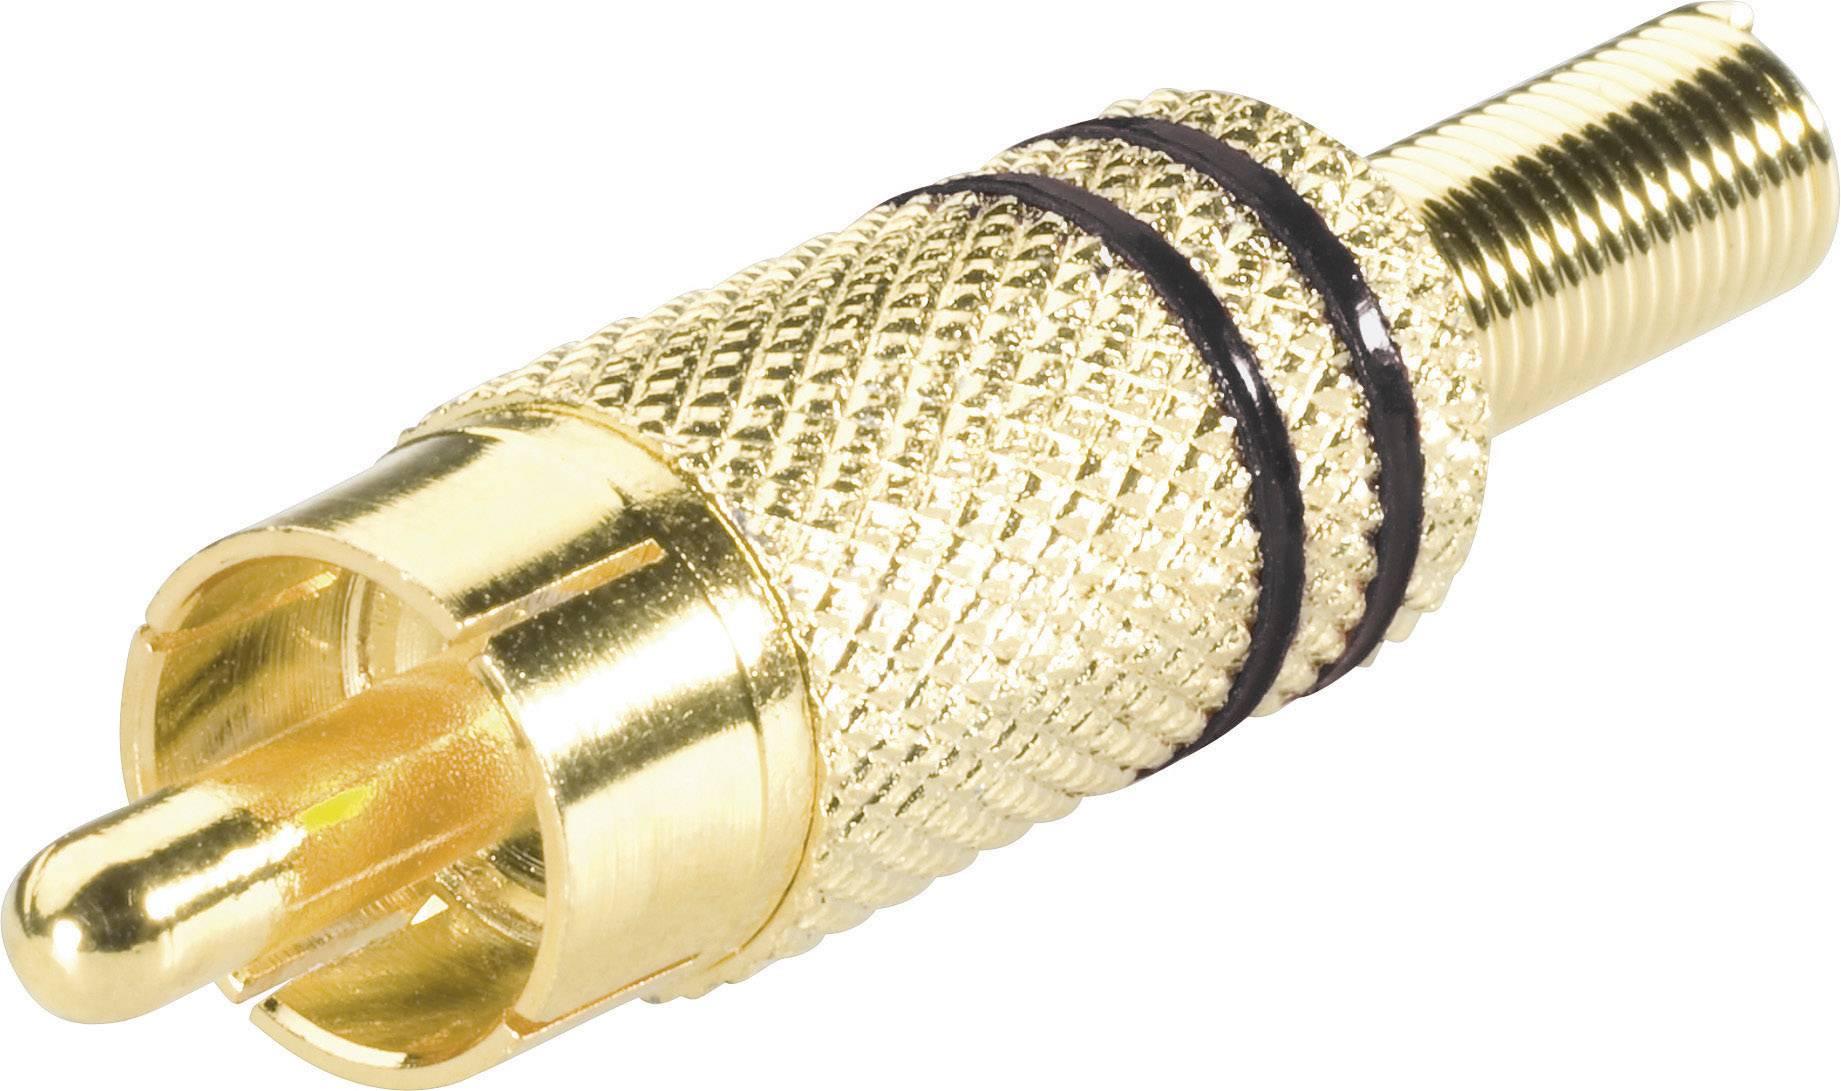 Cinch konektor zástrčka, rovná BKL Electronic 0101002/R, pinov 2, čierna, 1 ks